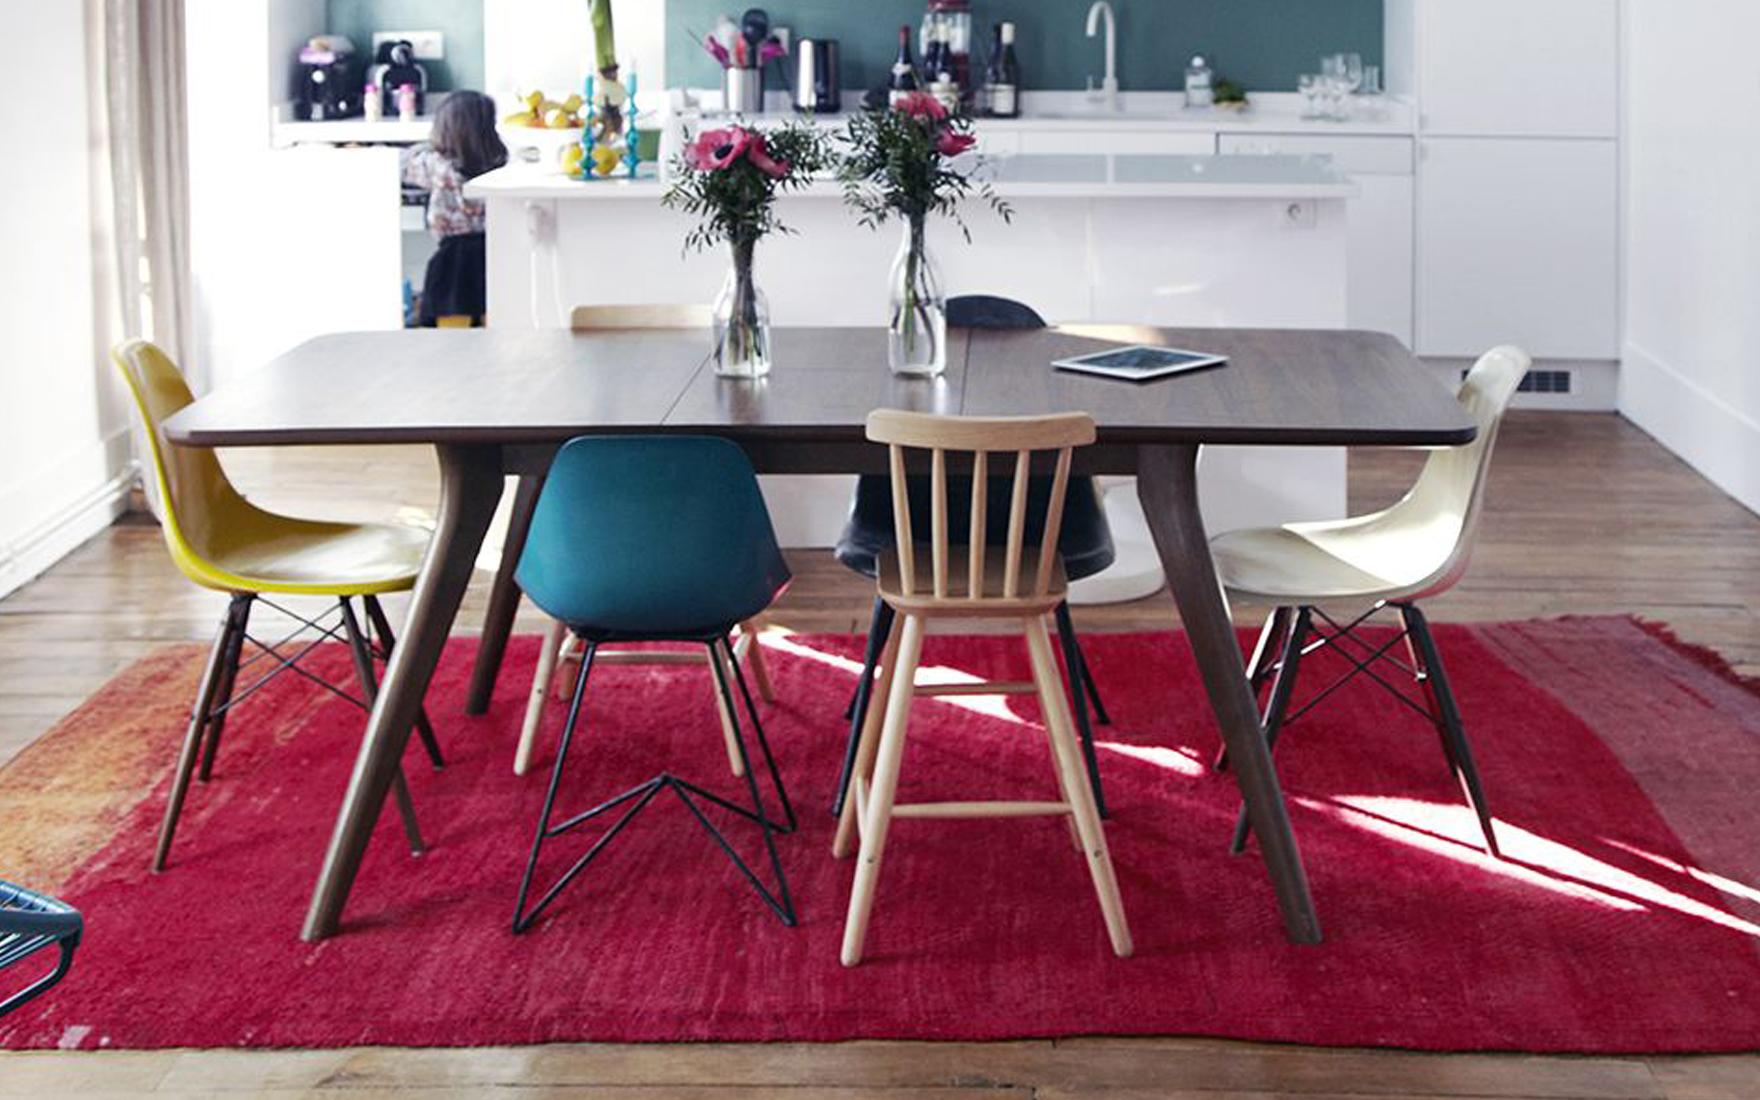 Как выбрать стулья к кухонному столу: 3 несложных правила